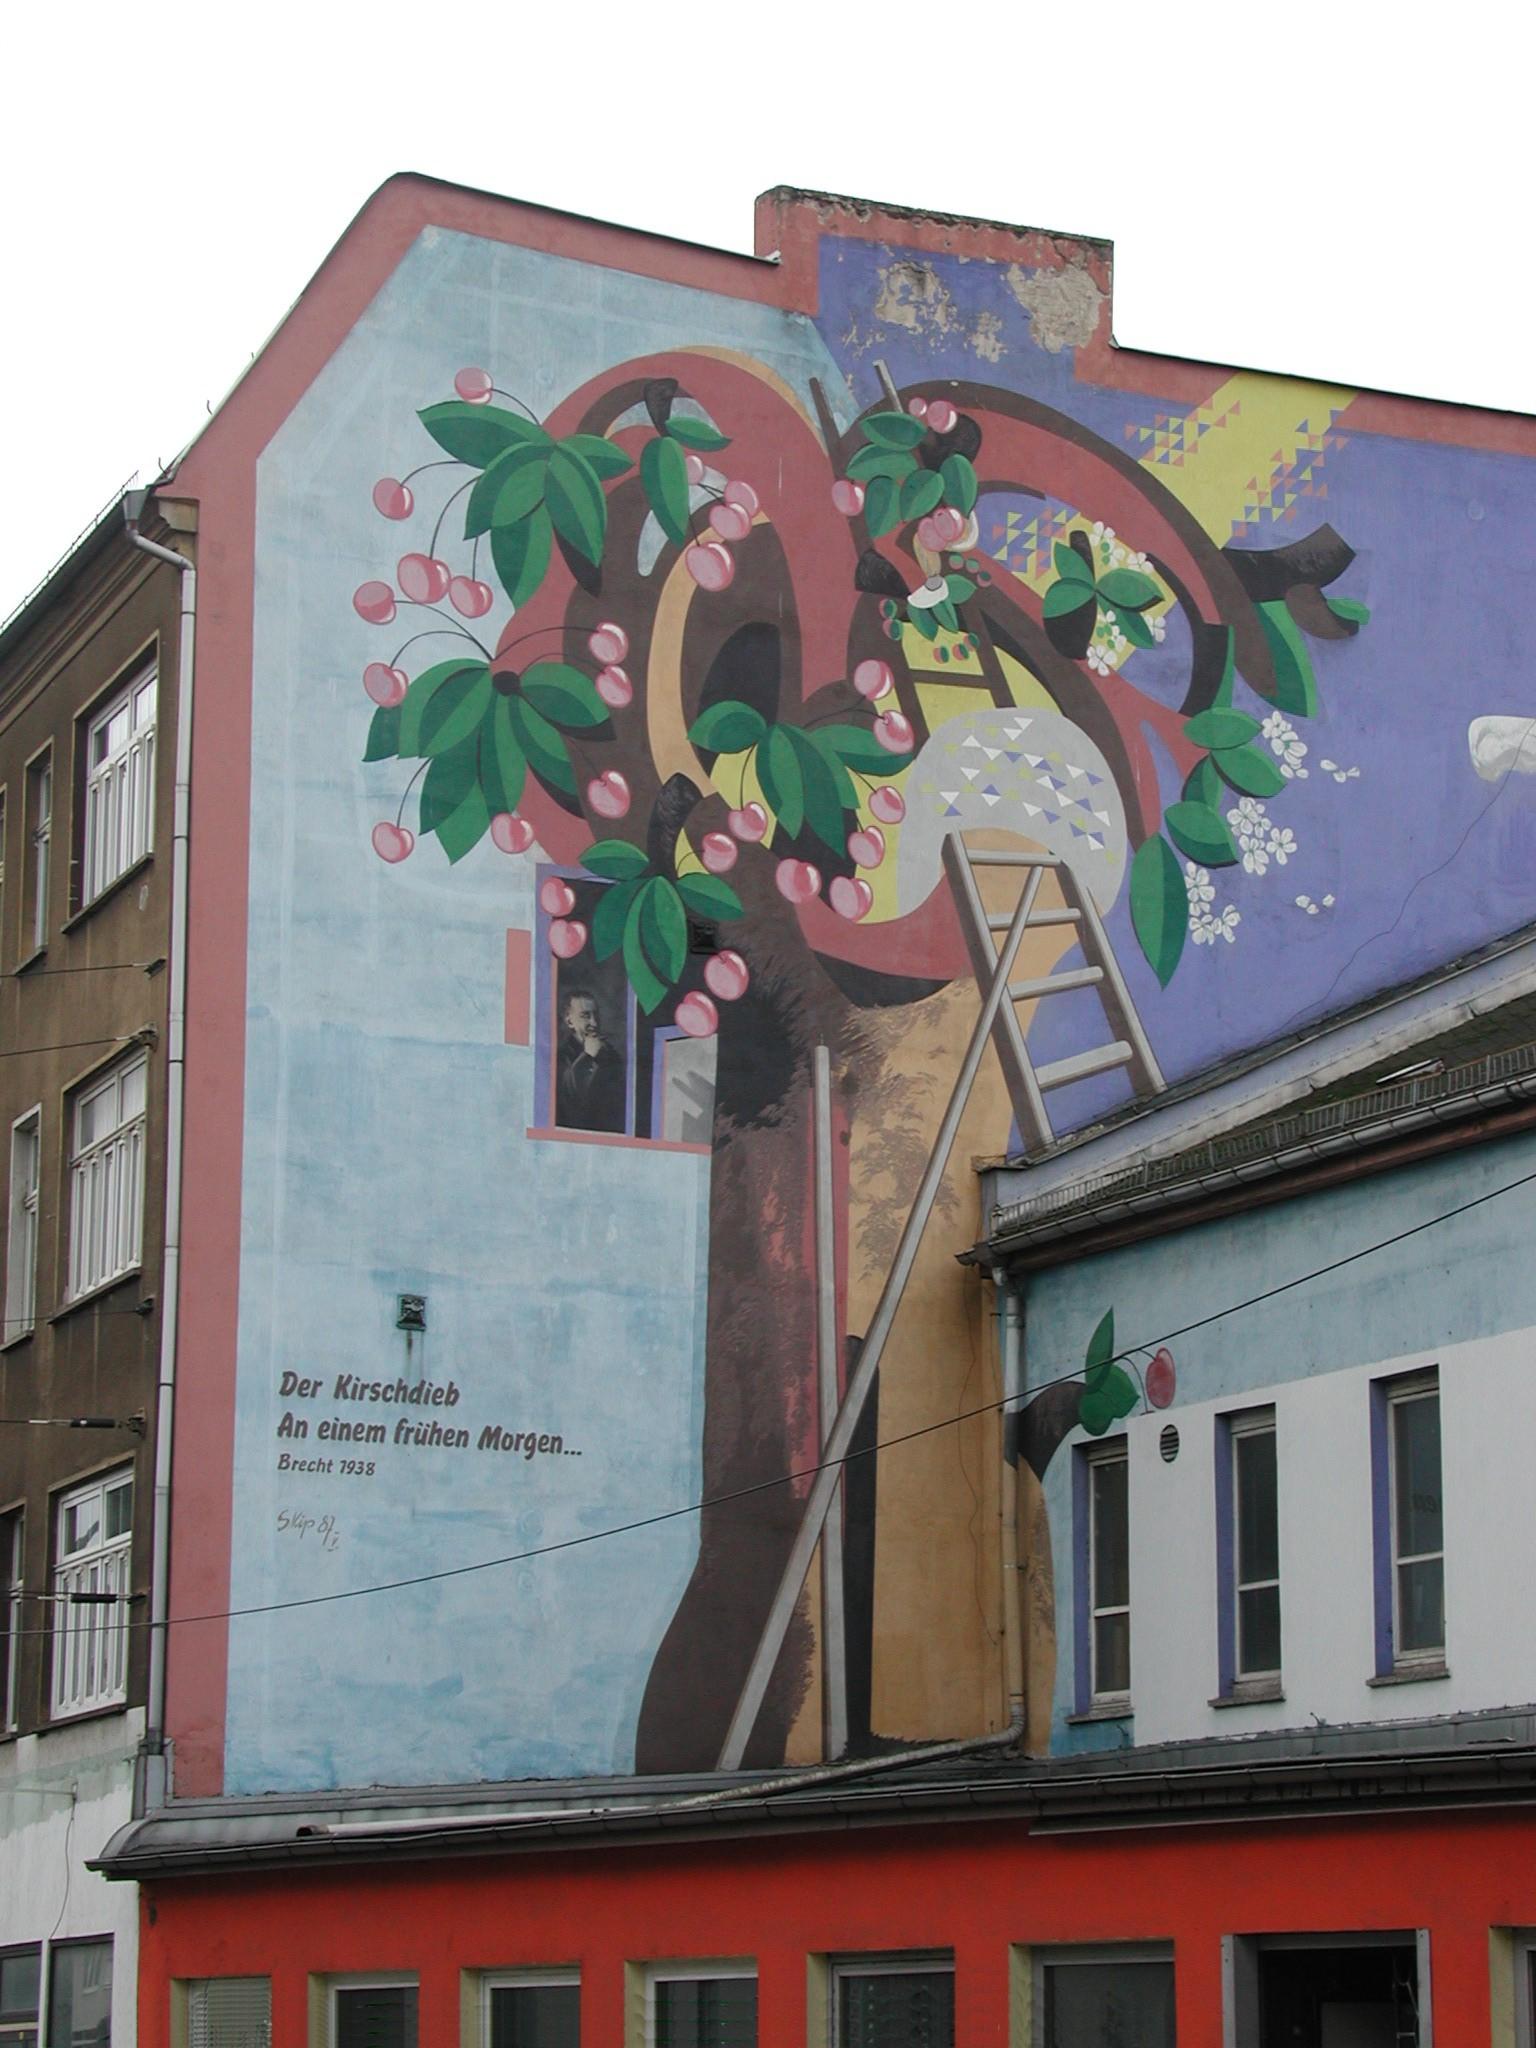 Ilustración del poema der Kirschdieb en una pared de Weißensee (Berlín).